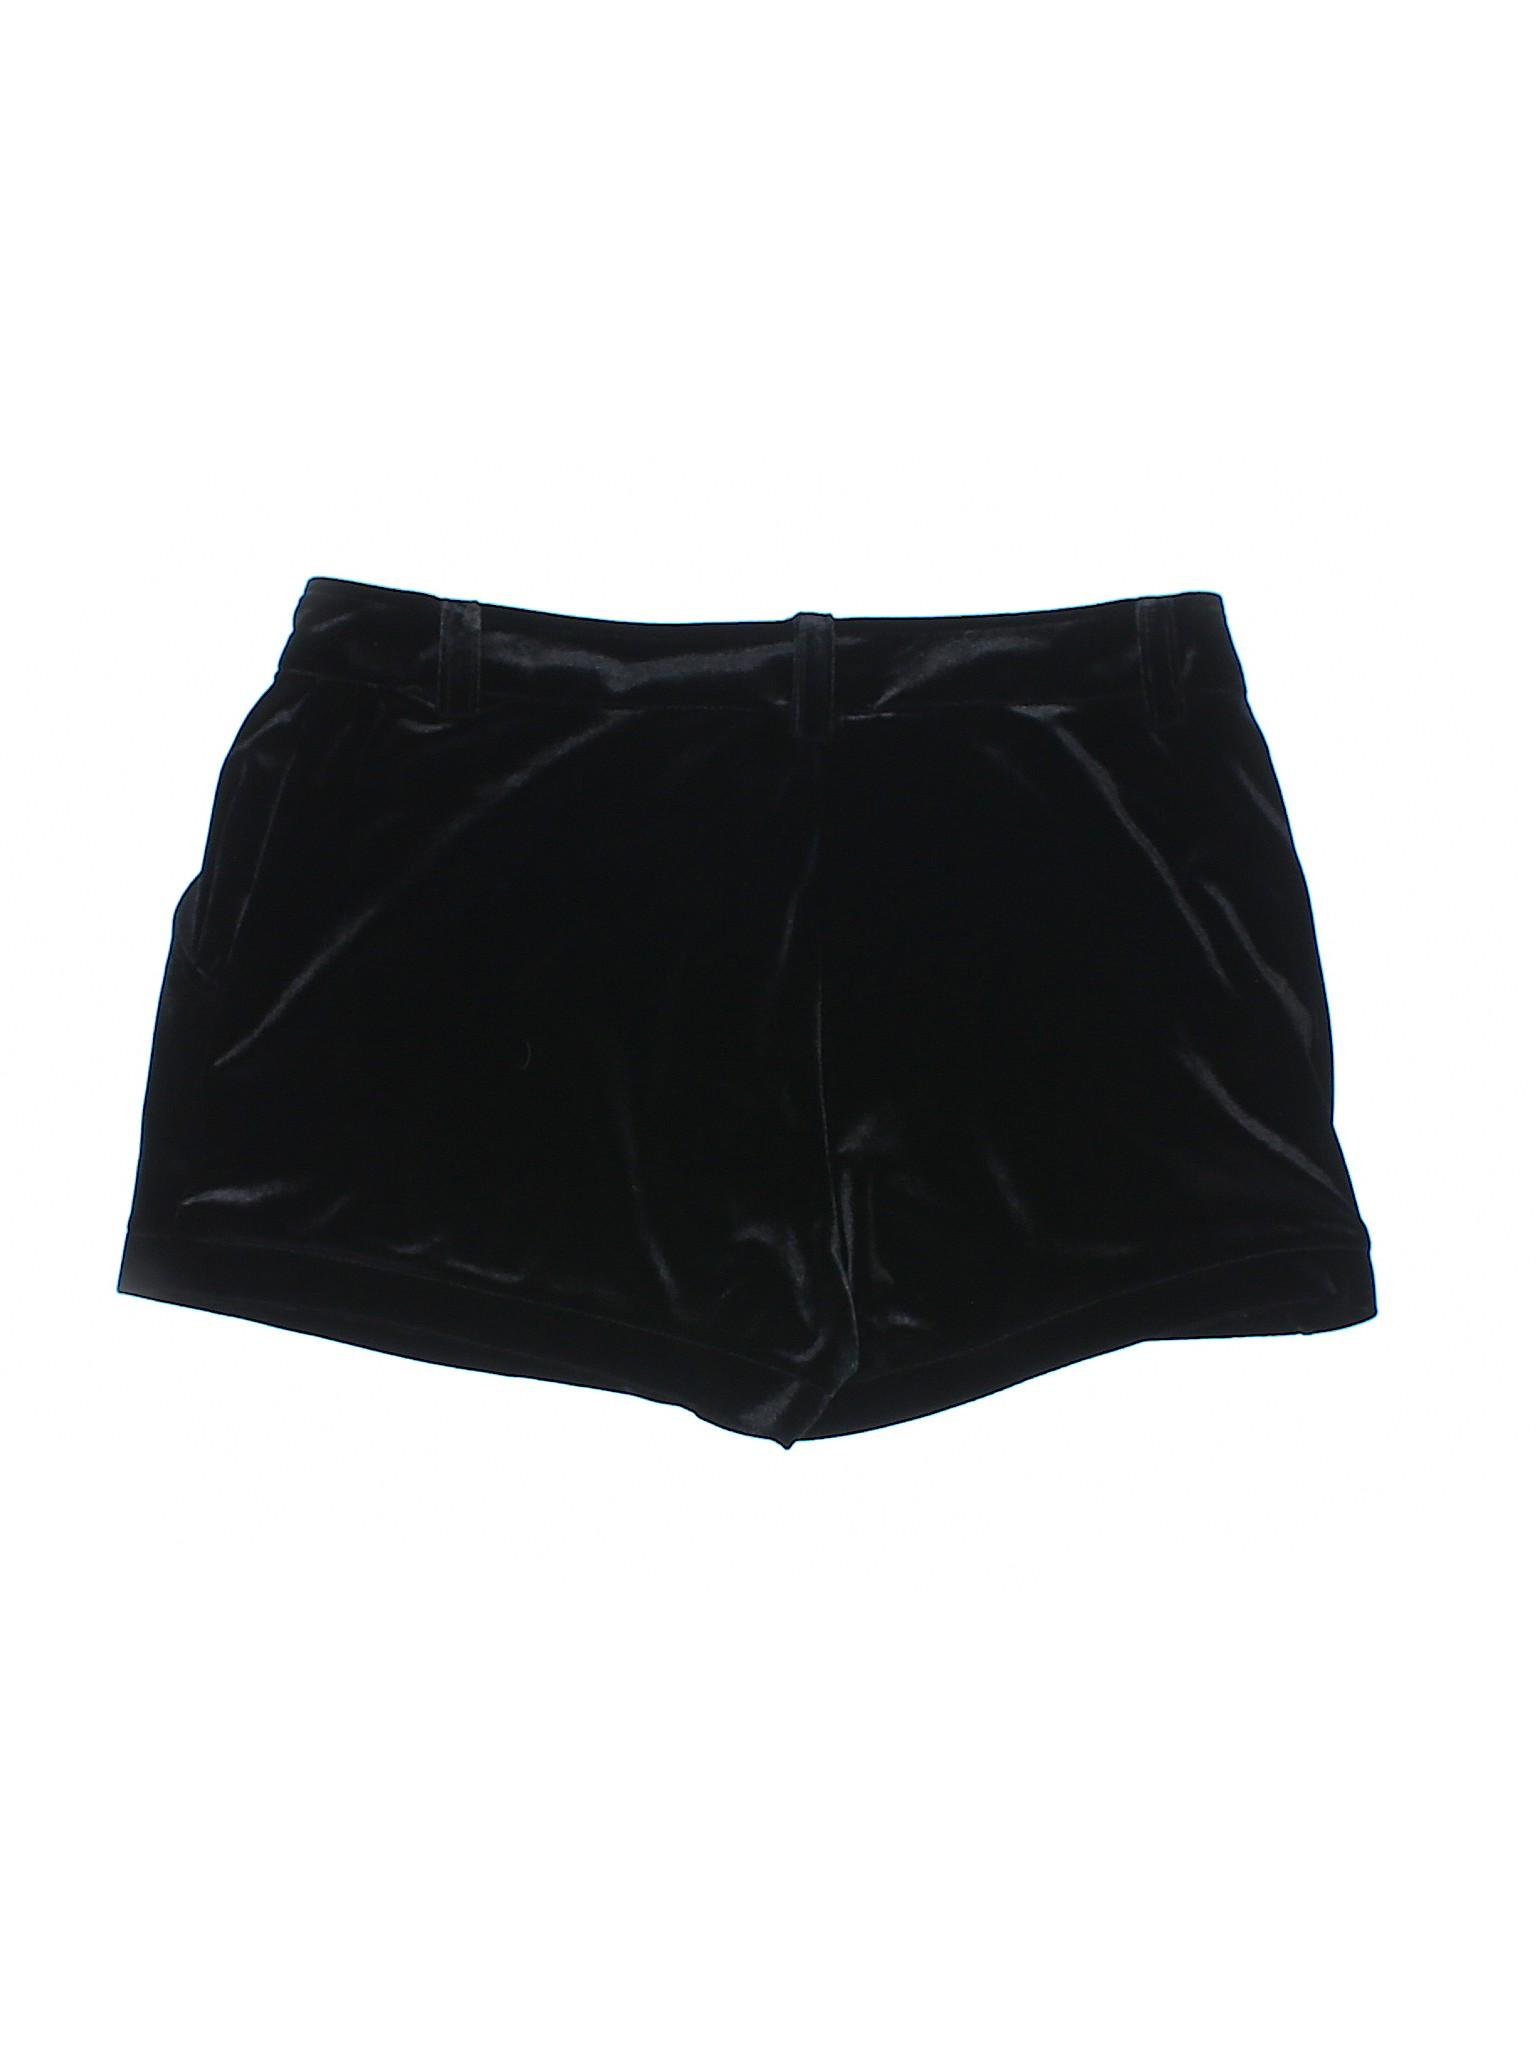 Dressy Moss Shorts Dressy Shorts Moss Boutique Ella Ella Boutique 1twrp57wqx